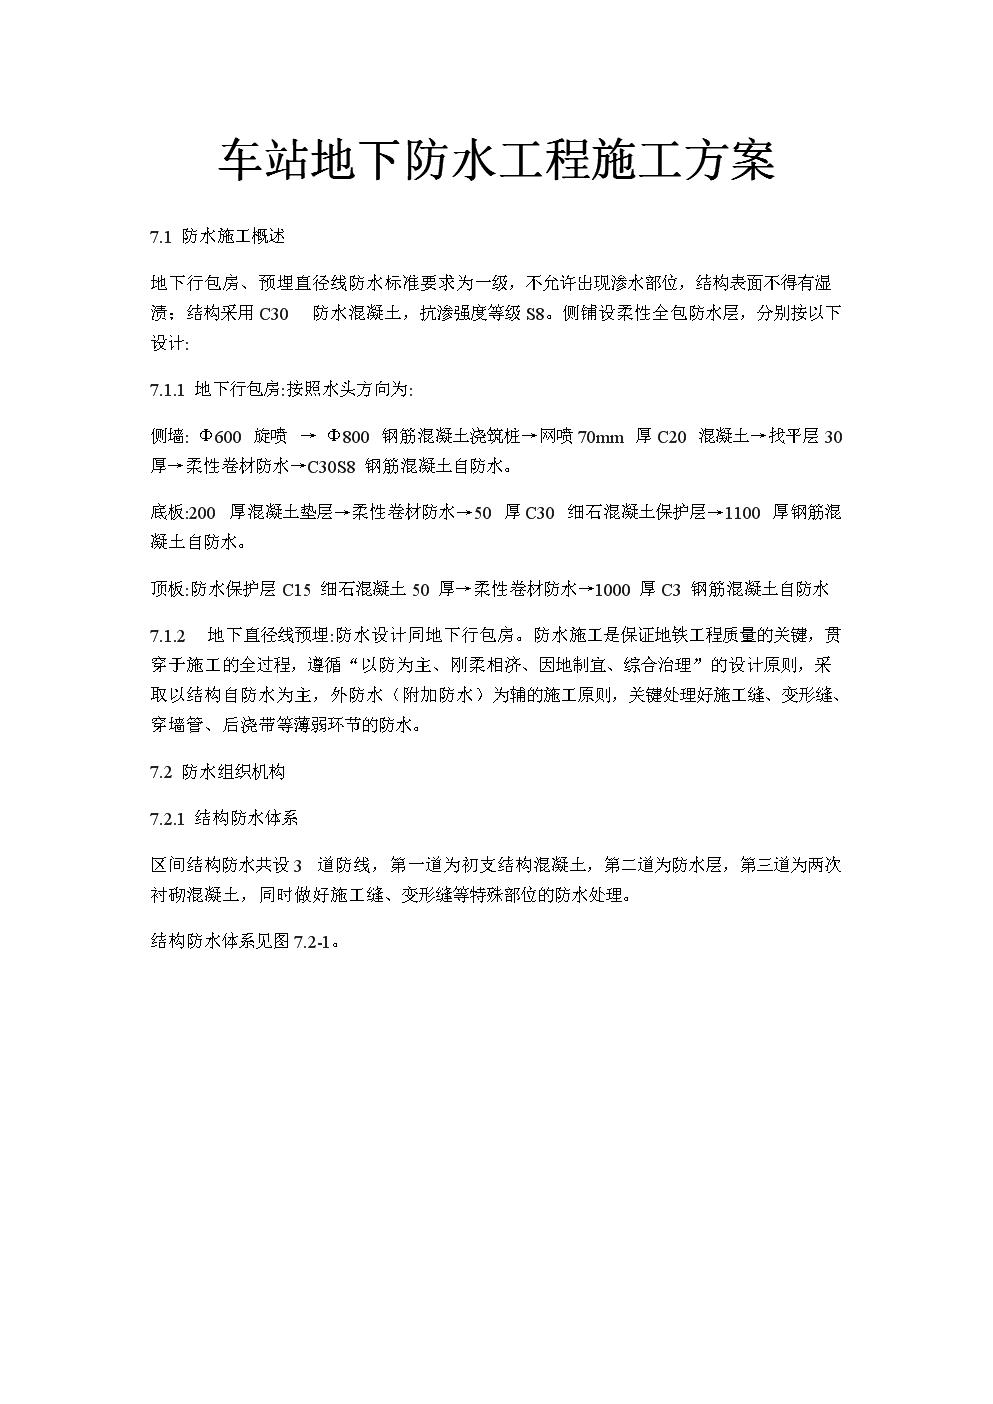 车站地下防水工程施工方案.docx